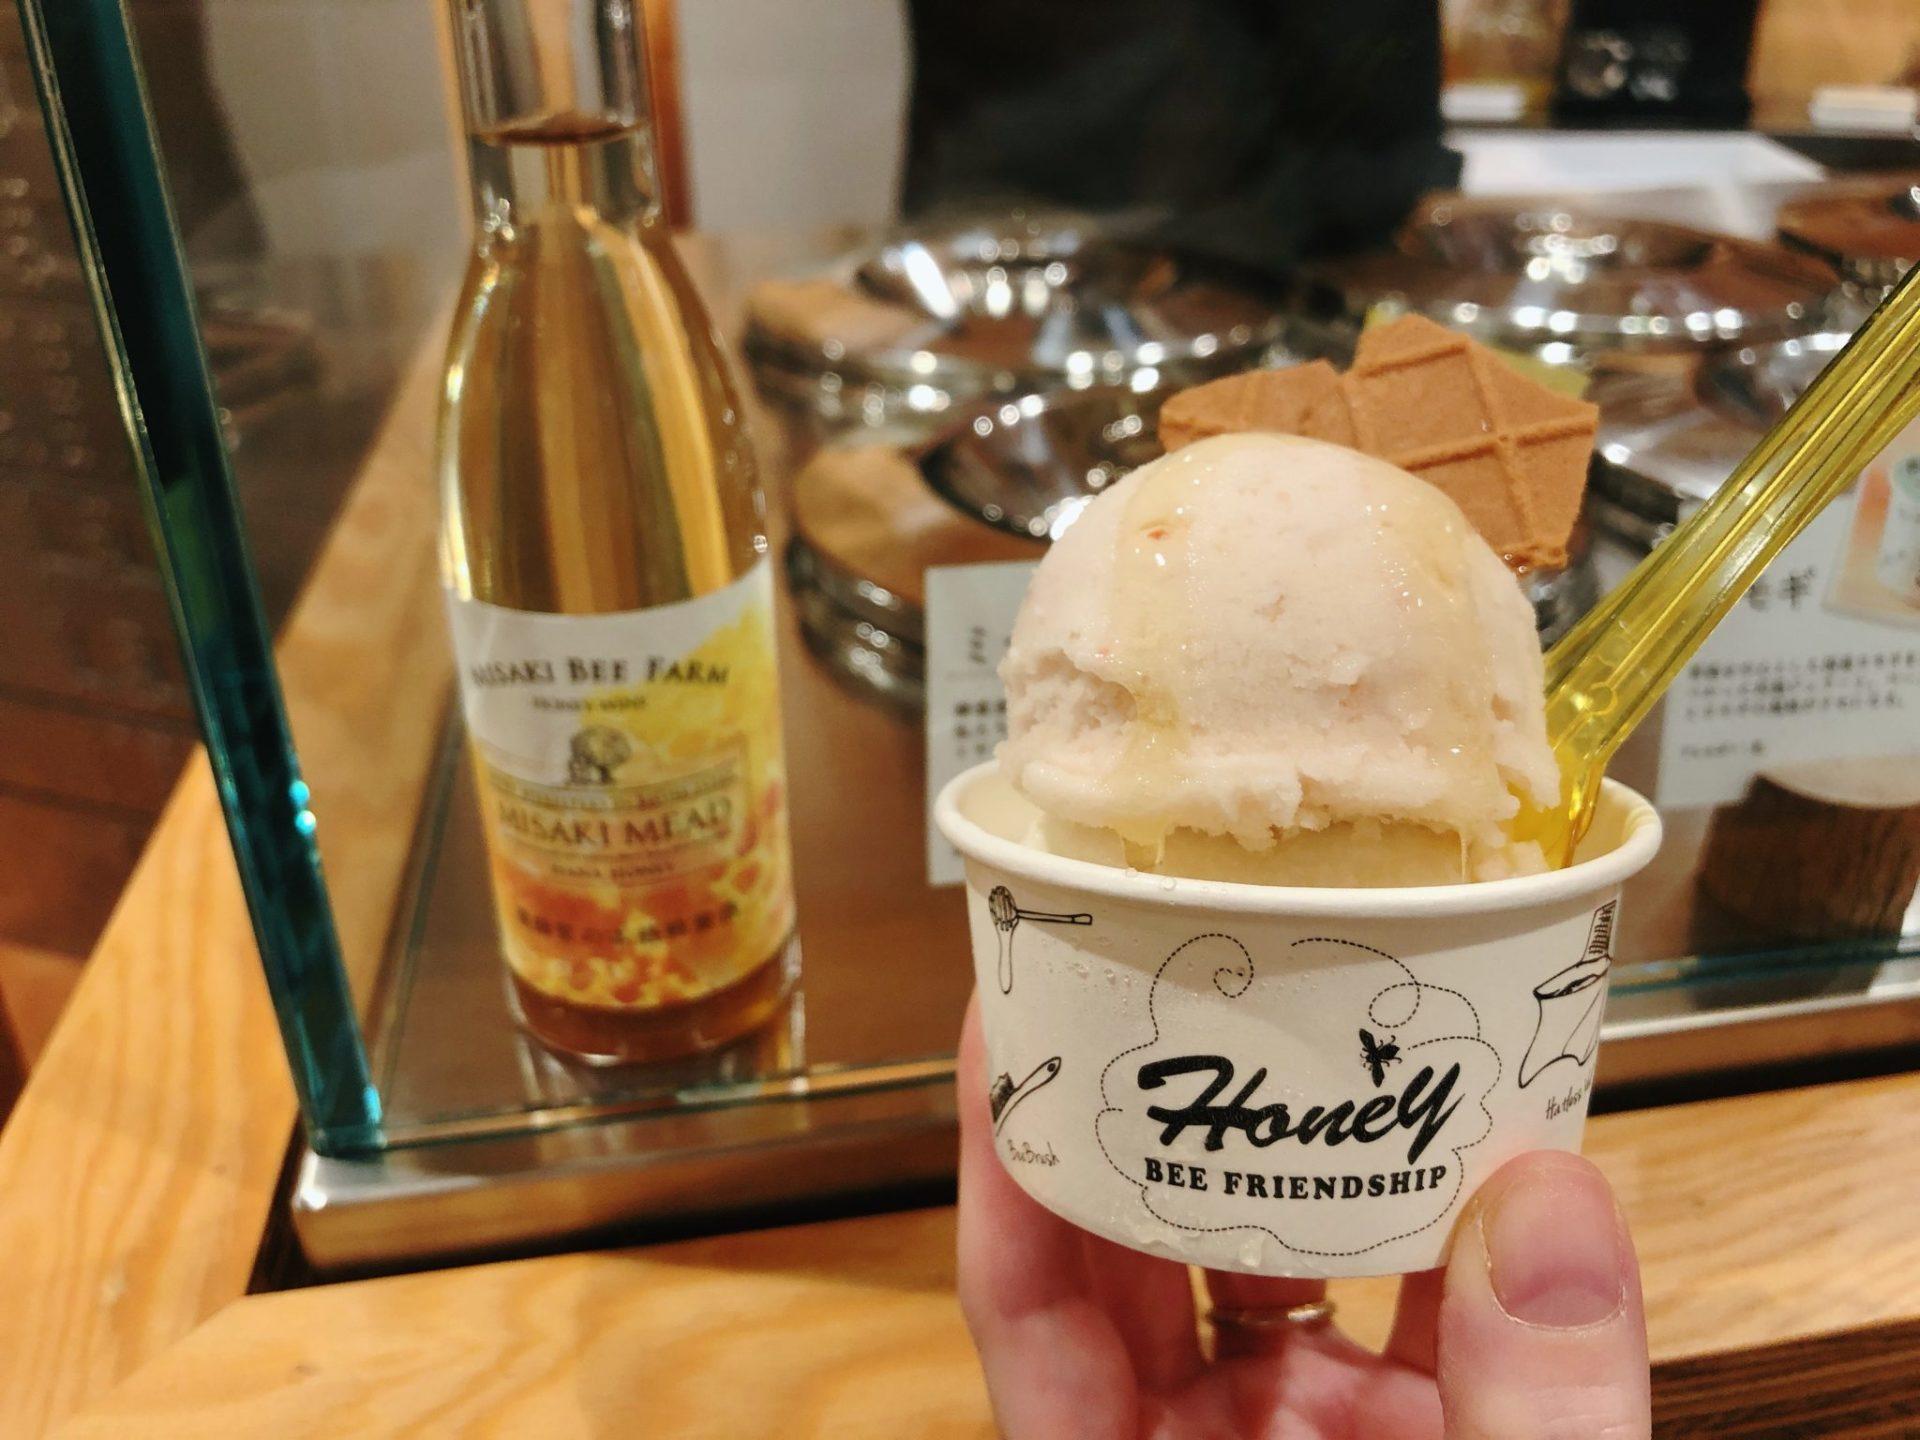 日比谷OKUROJI(ヒビヤオクロジ)のビーフレンドシップのミードアイスクリーム